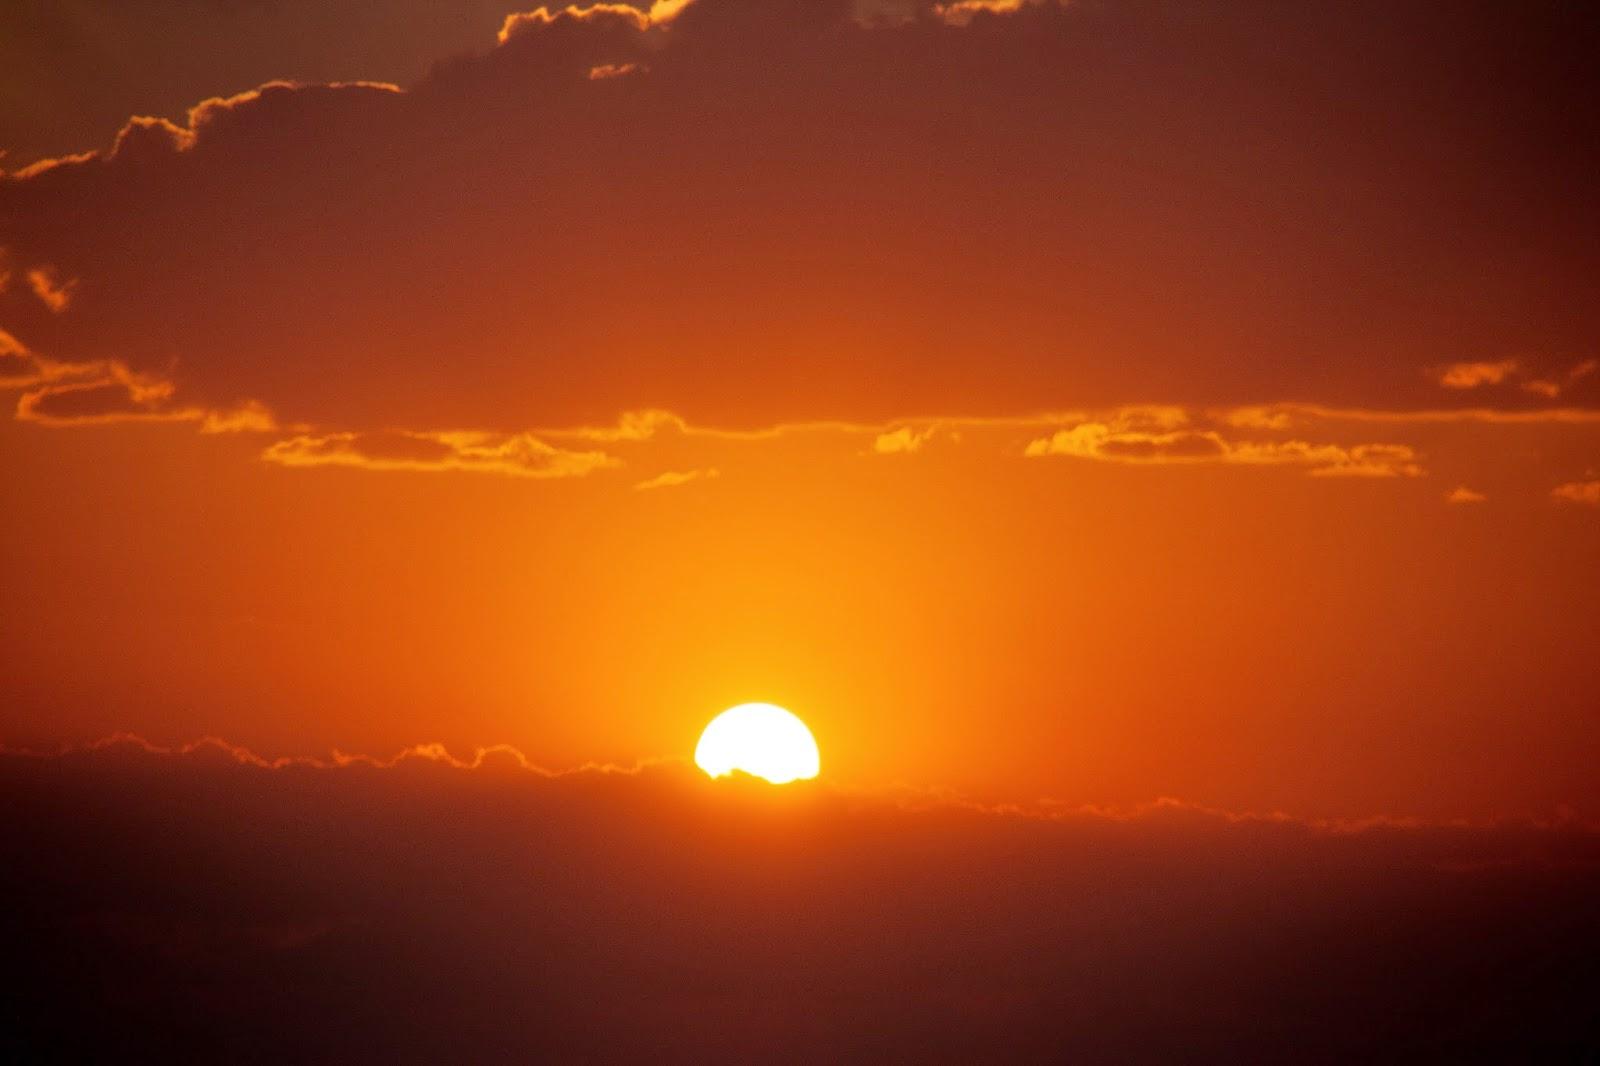 damaraland sundown namibia safari